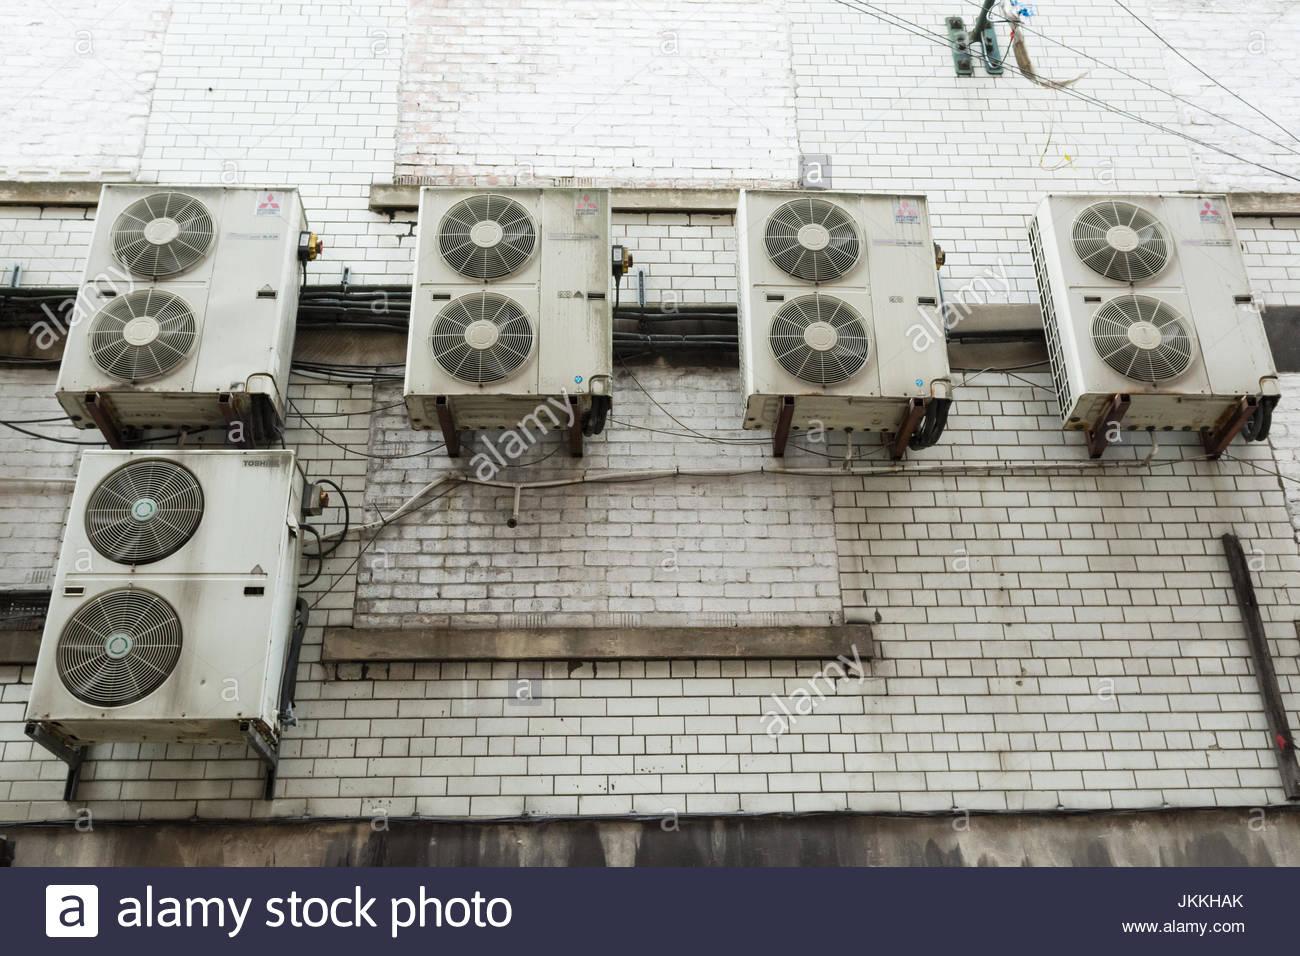 Le unità aria condizionata sulla parete esterna Foto Stock